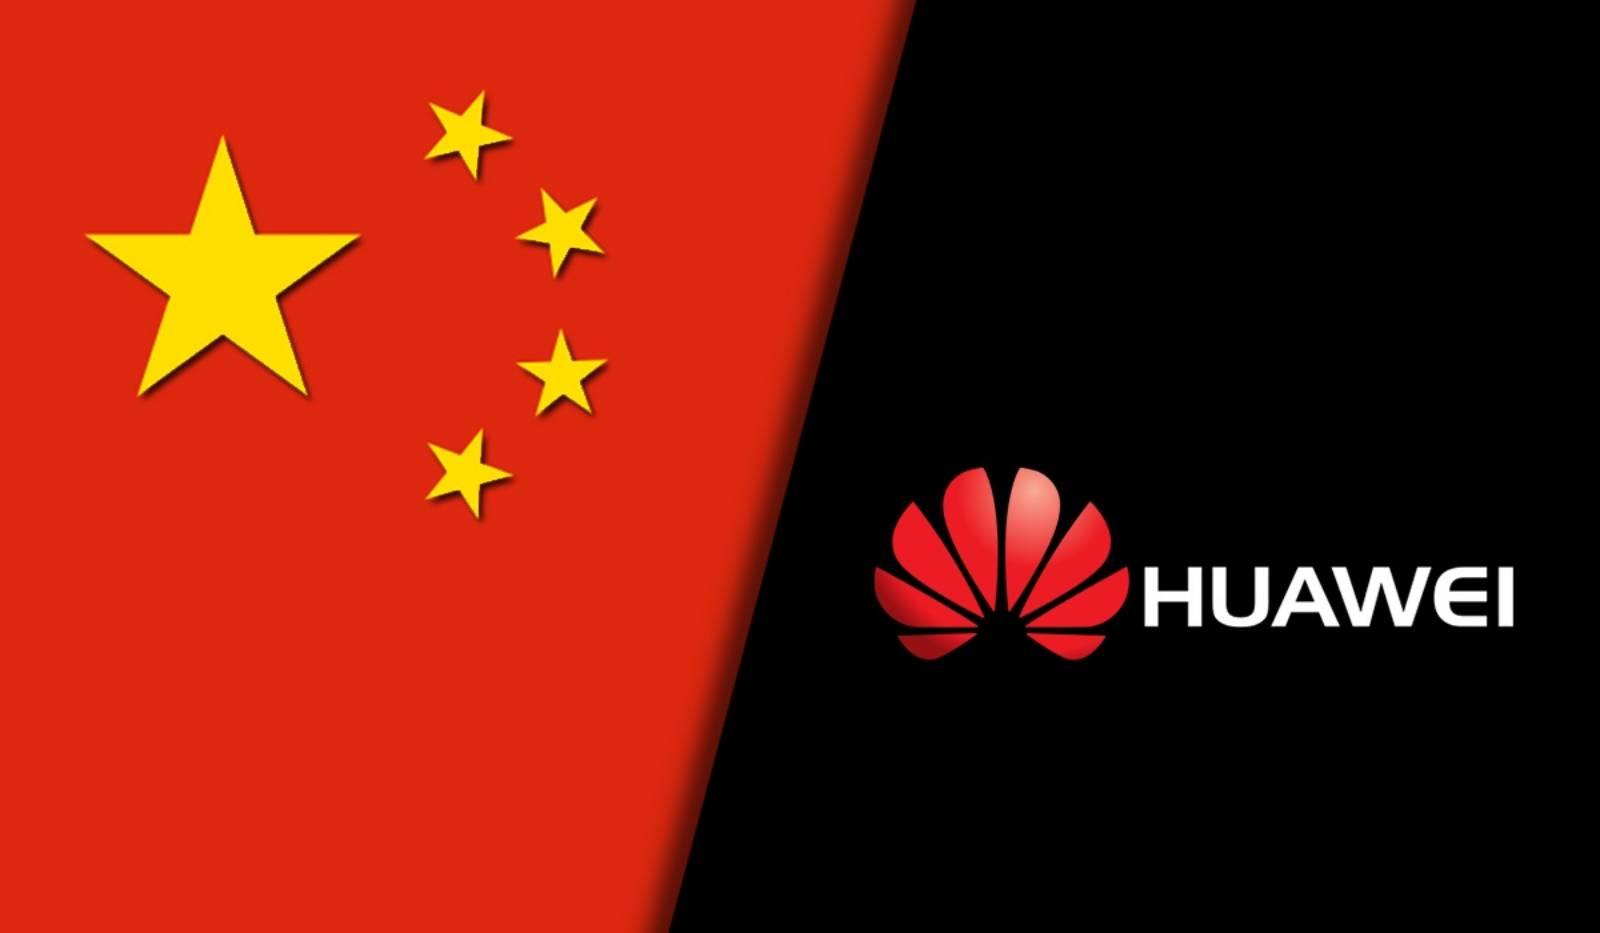 Huawei principal